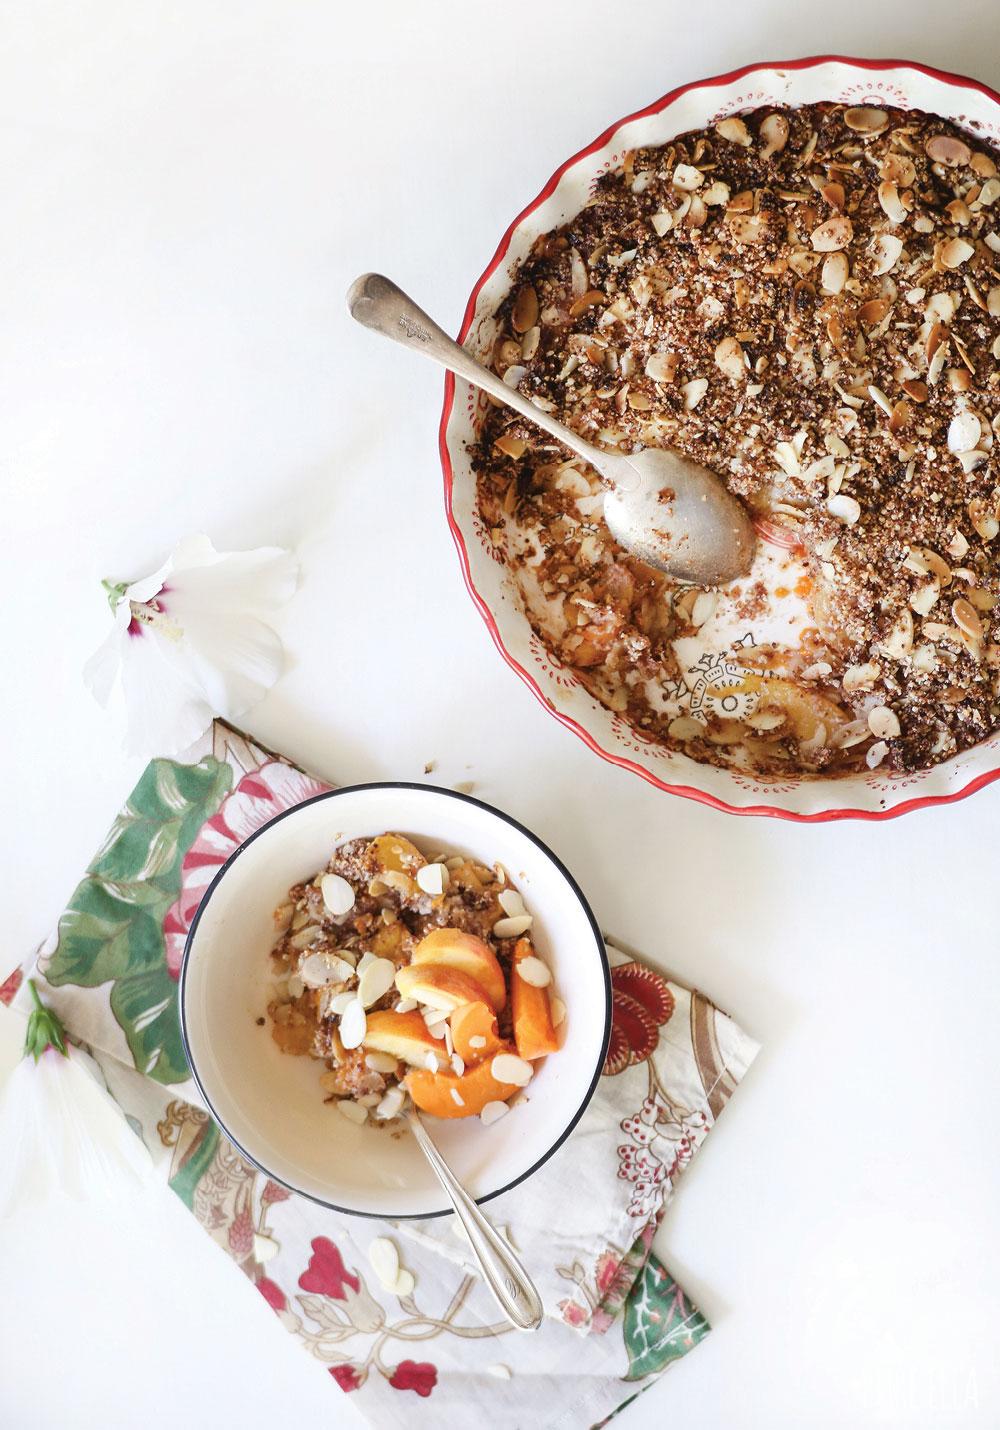 Grain-Free-Peach-Apricot-Crisp-Crumble-Pure-Ella-Leche7